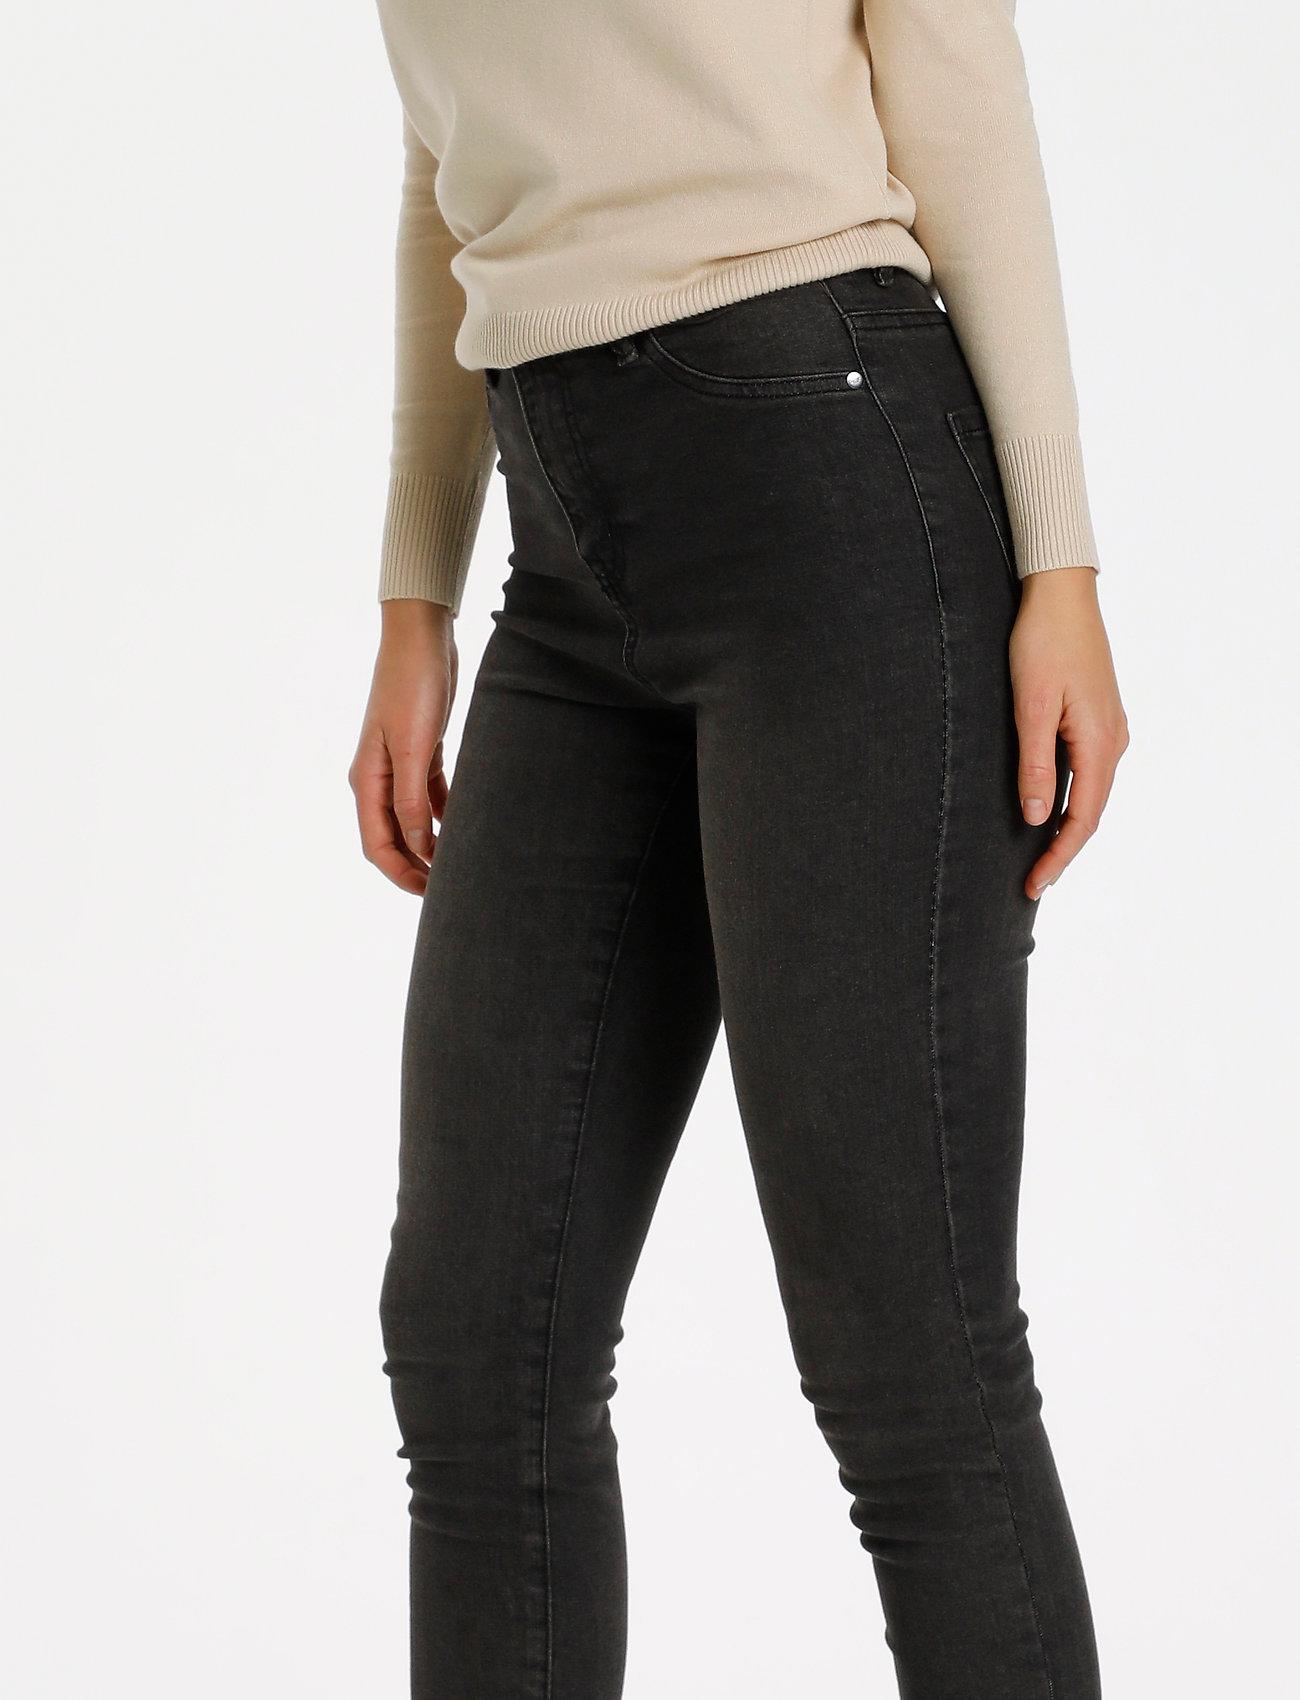 Saint Tropez - T5757, TinnaSZ Jeans - skinny jeans - dk.grey - 6